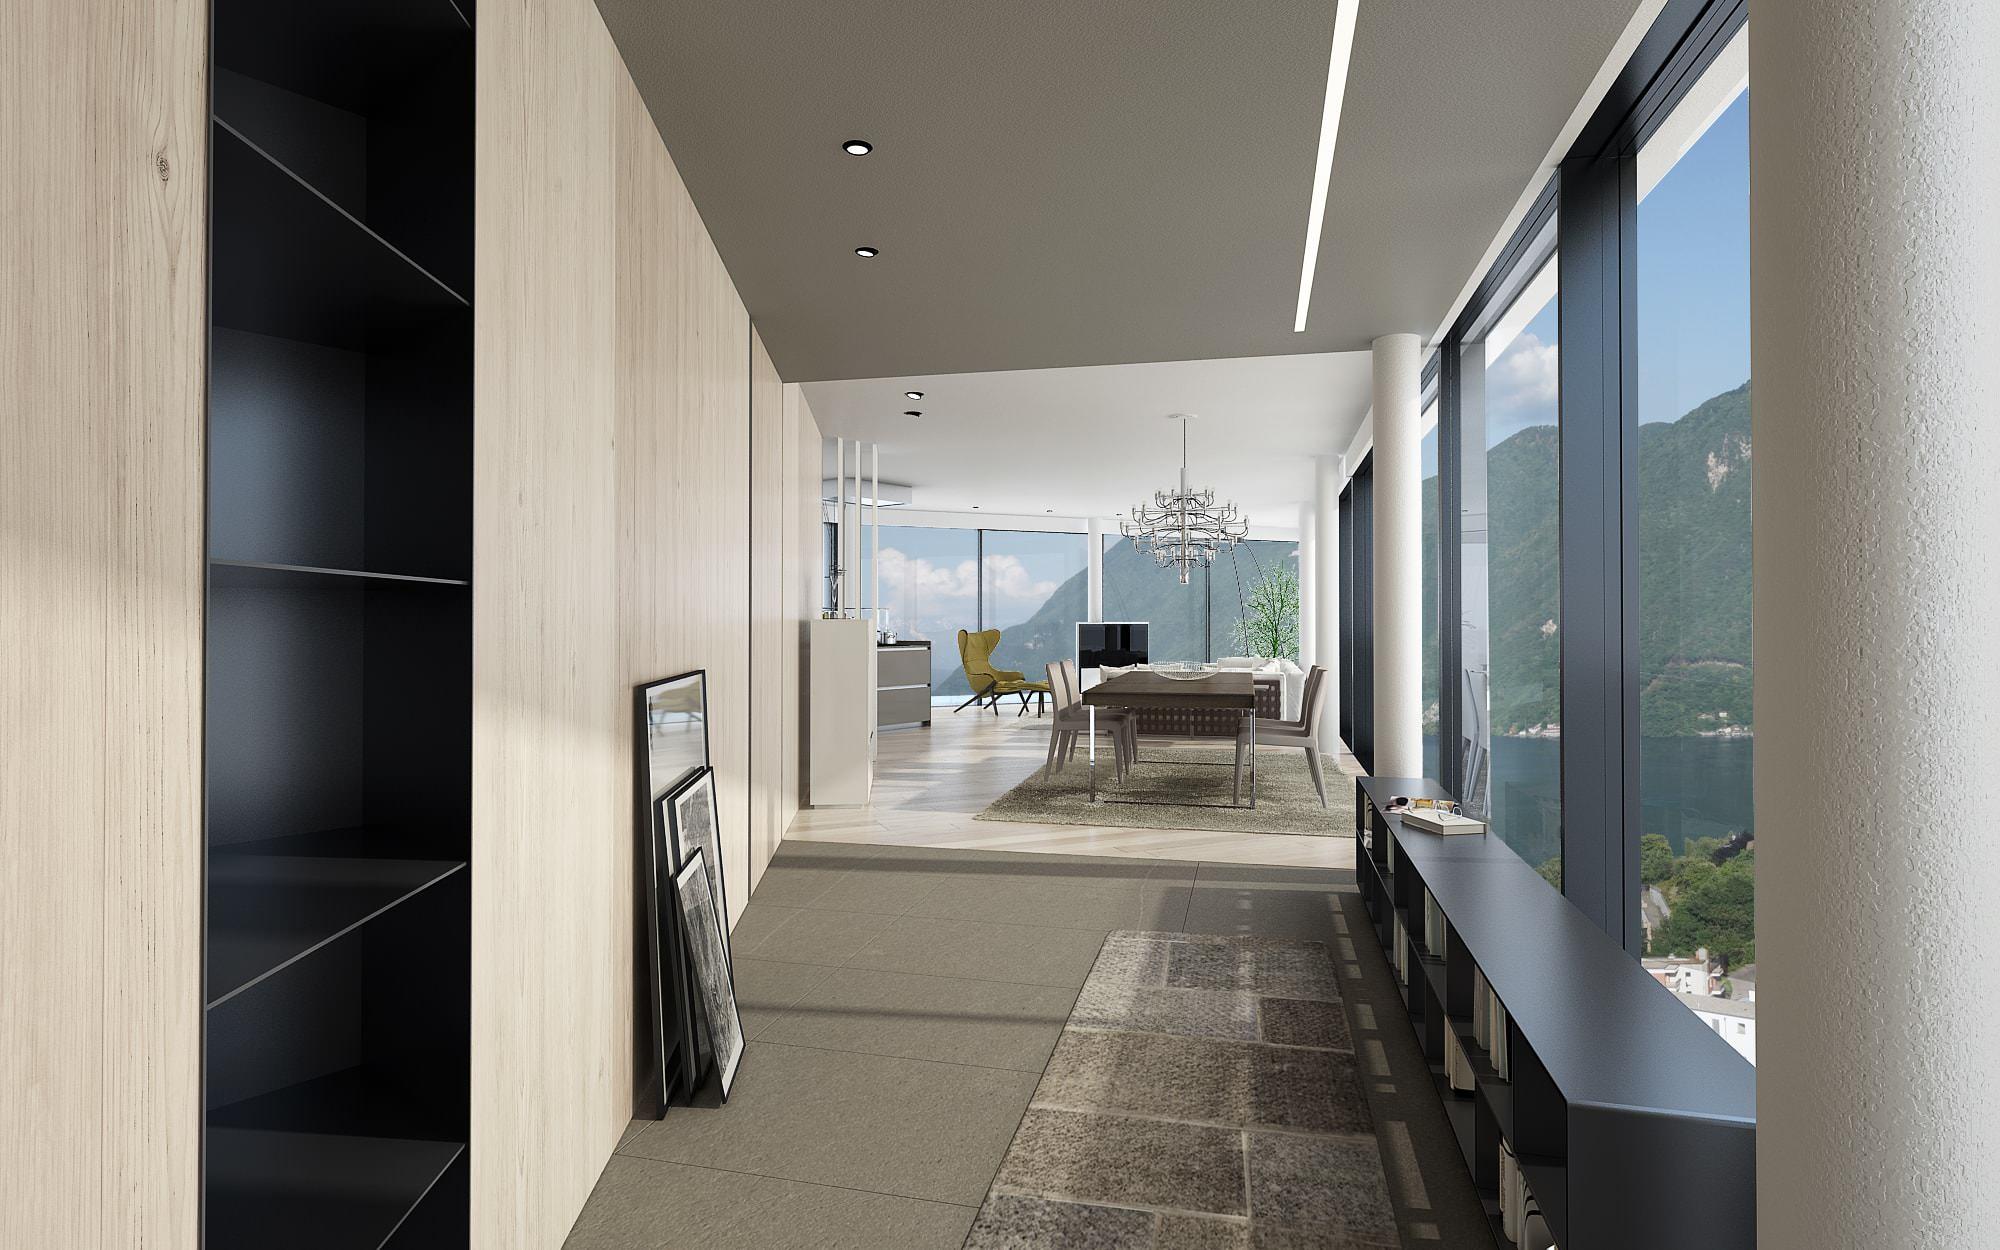 Visuale attico design Lugano Ticino Svizzera